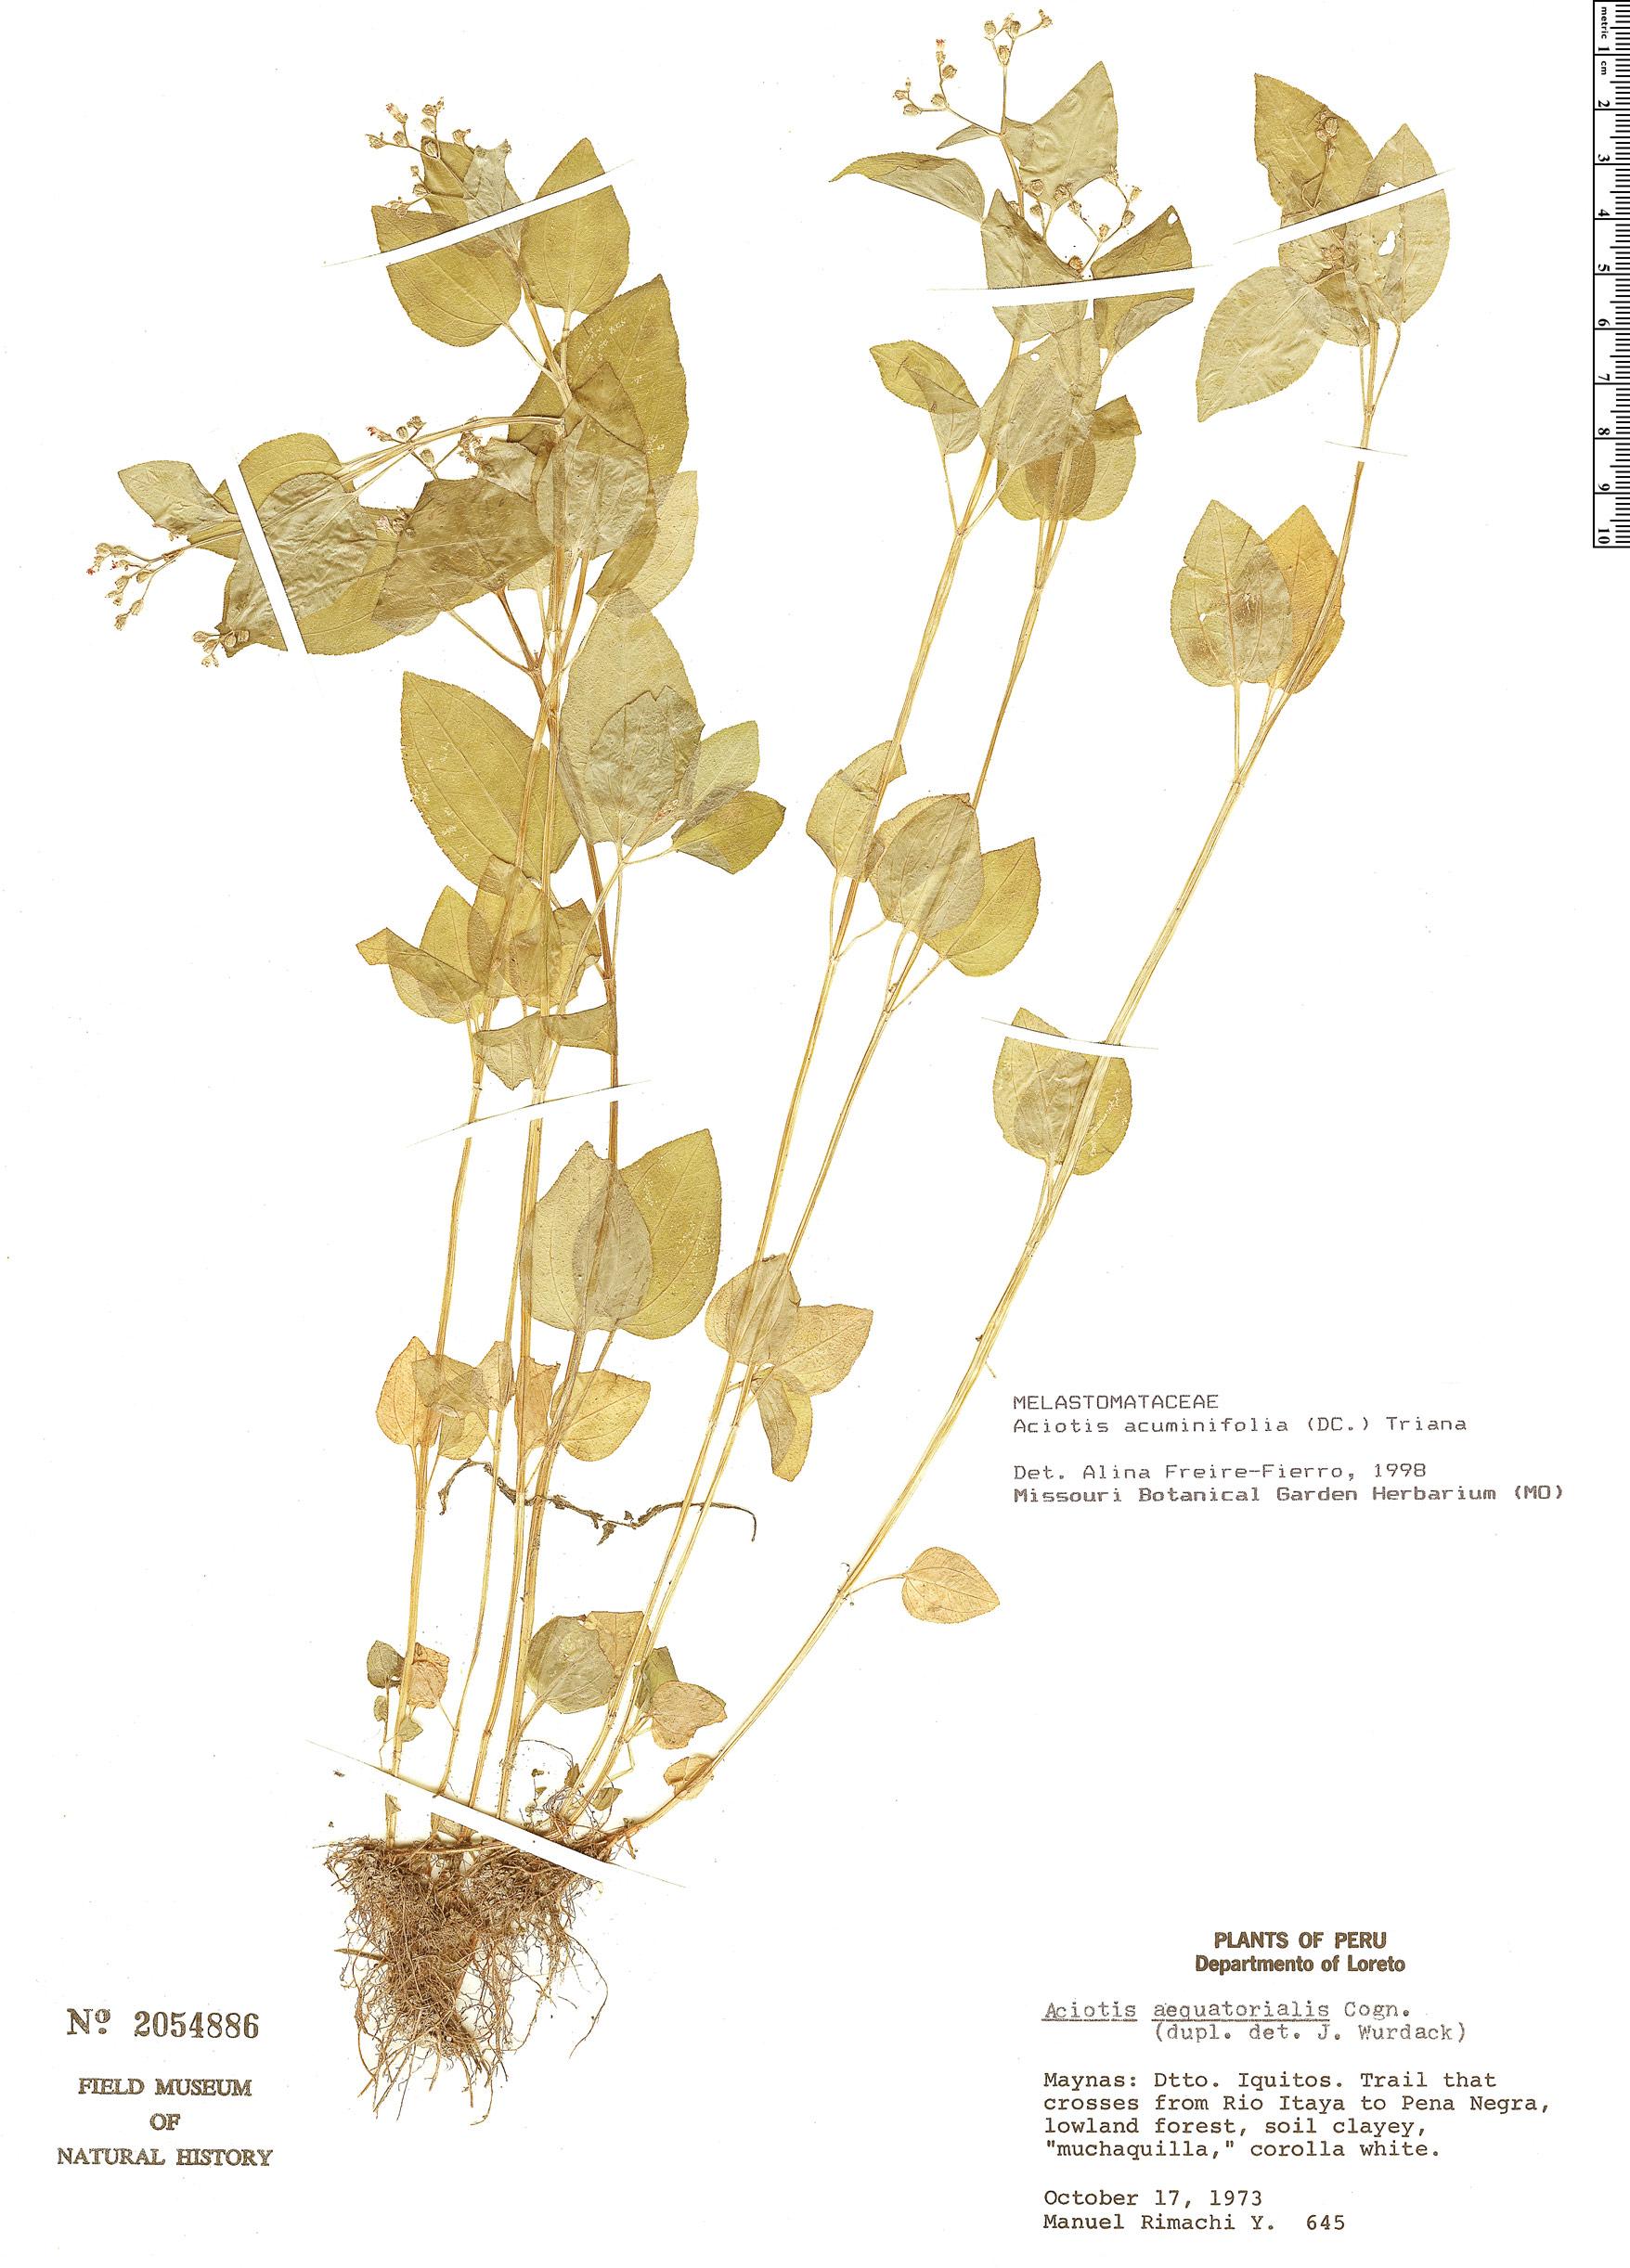 Specimen: Aciotis acuminifolia